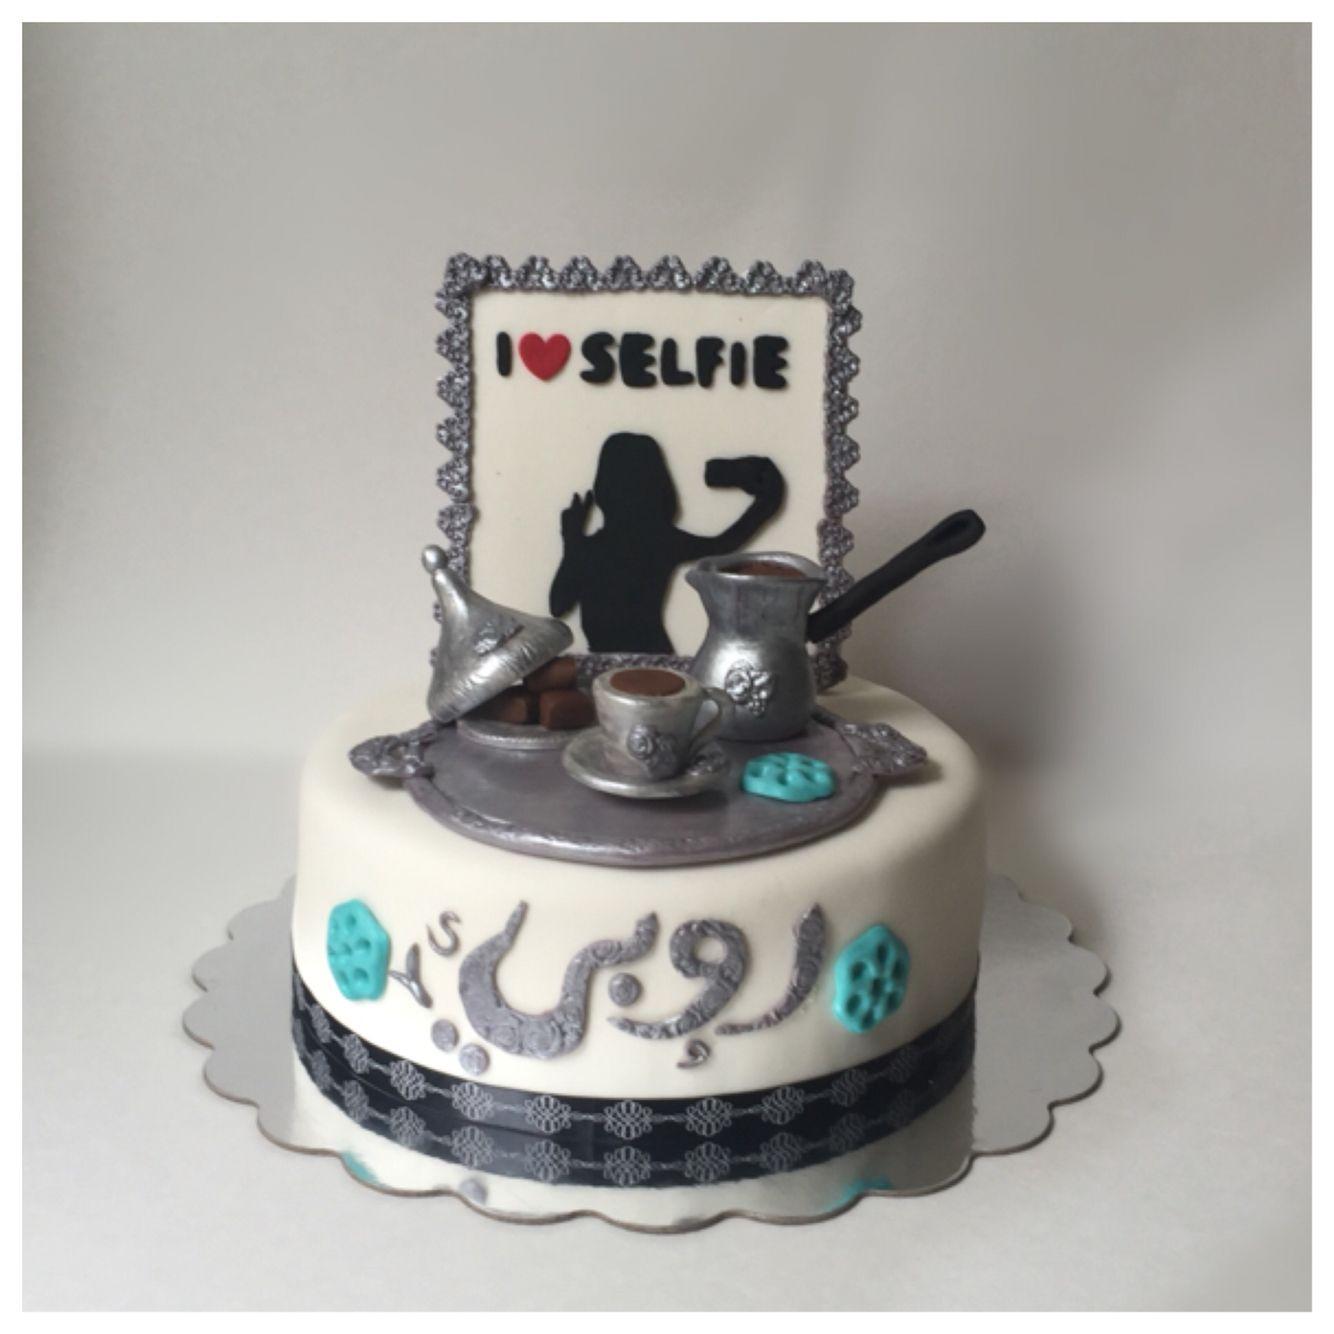 Selfie Coffee Lovers Birthday Cake